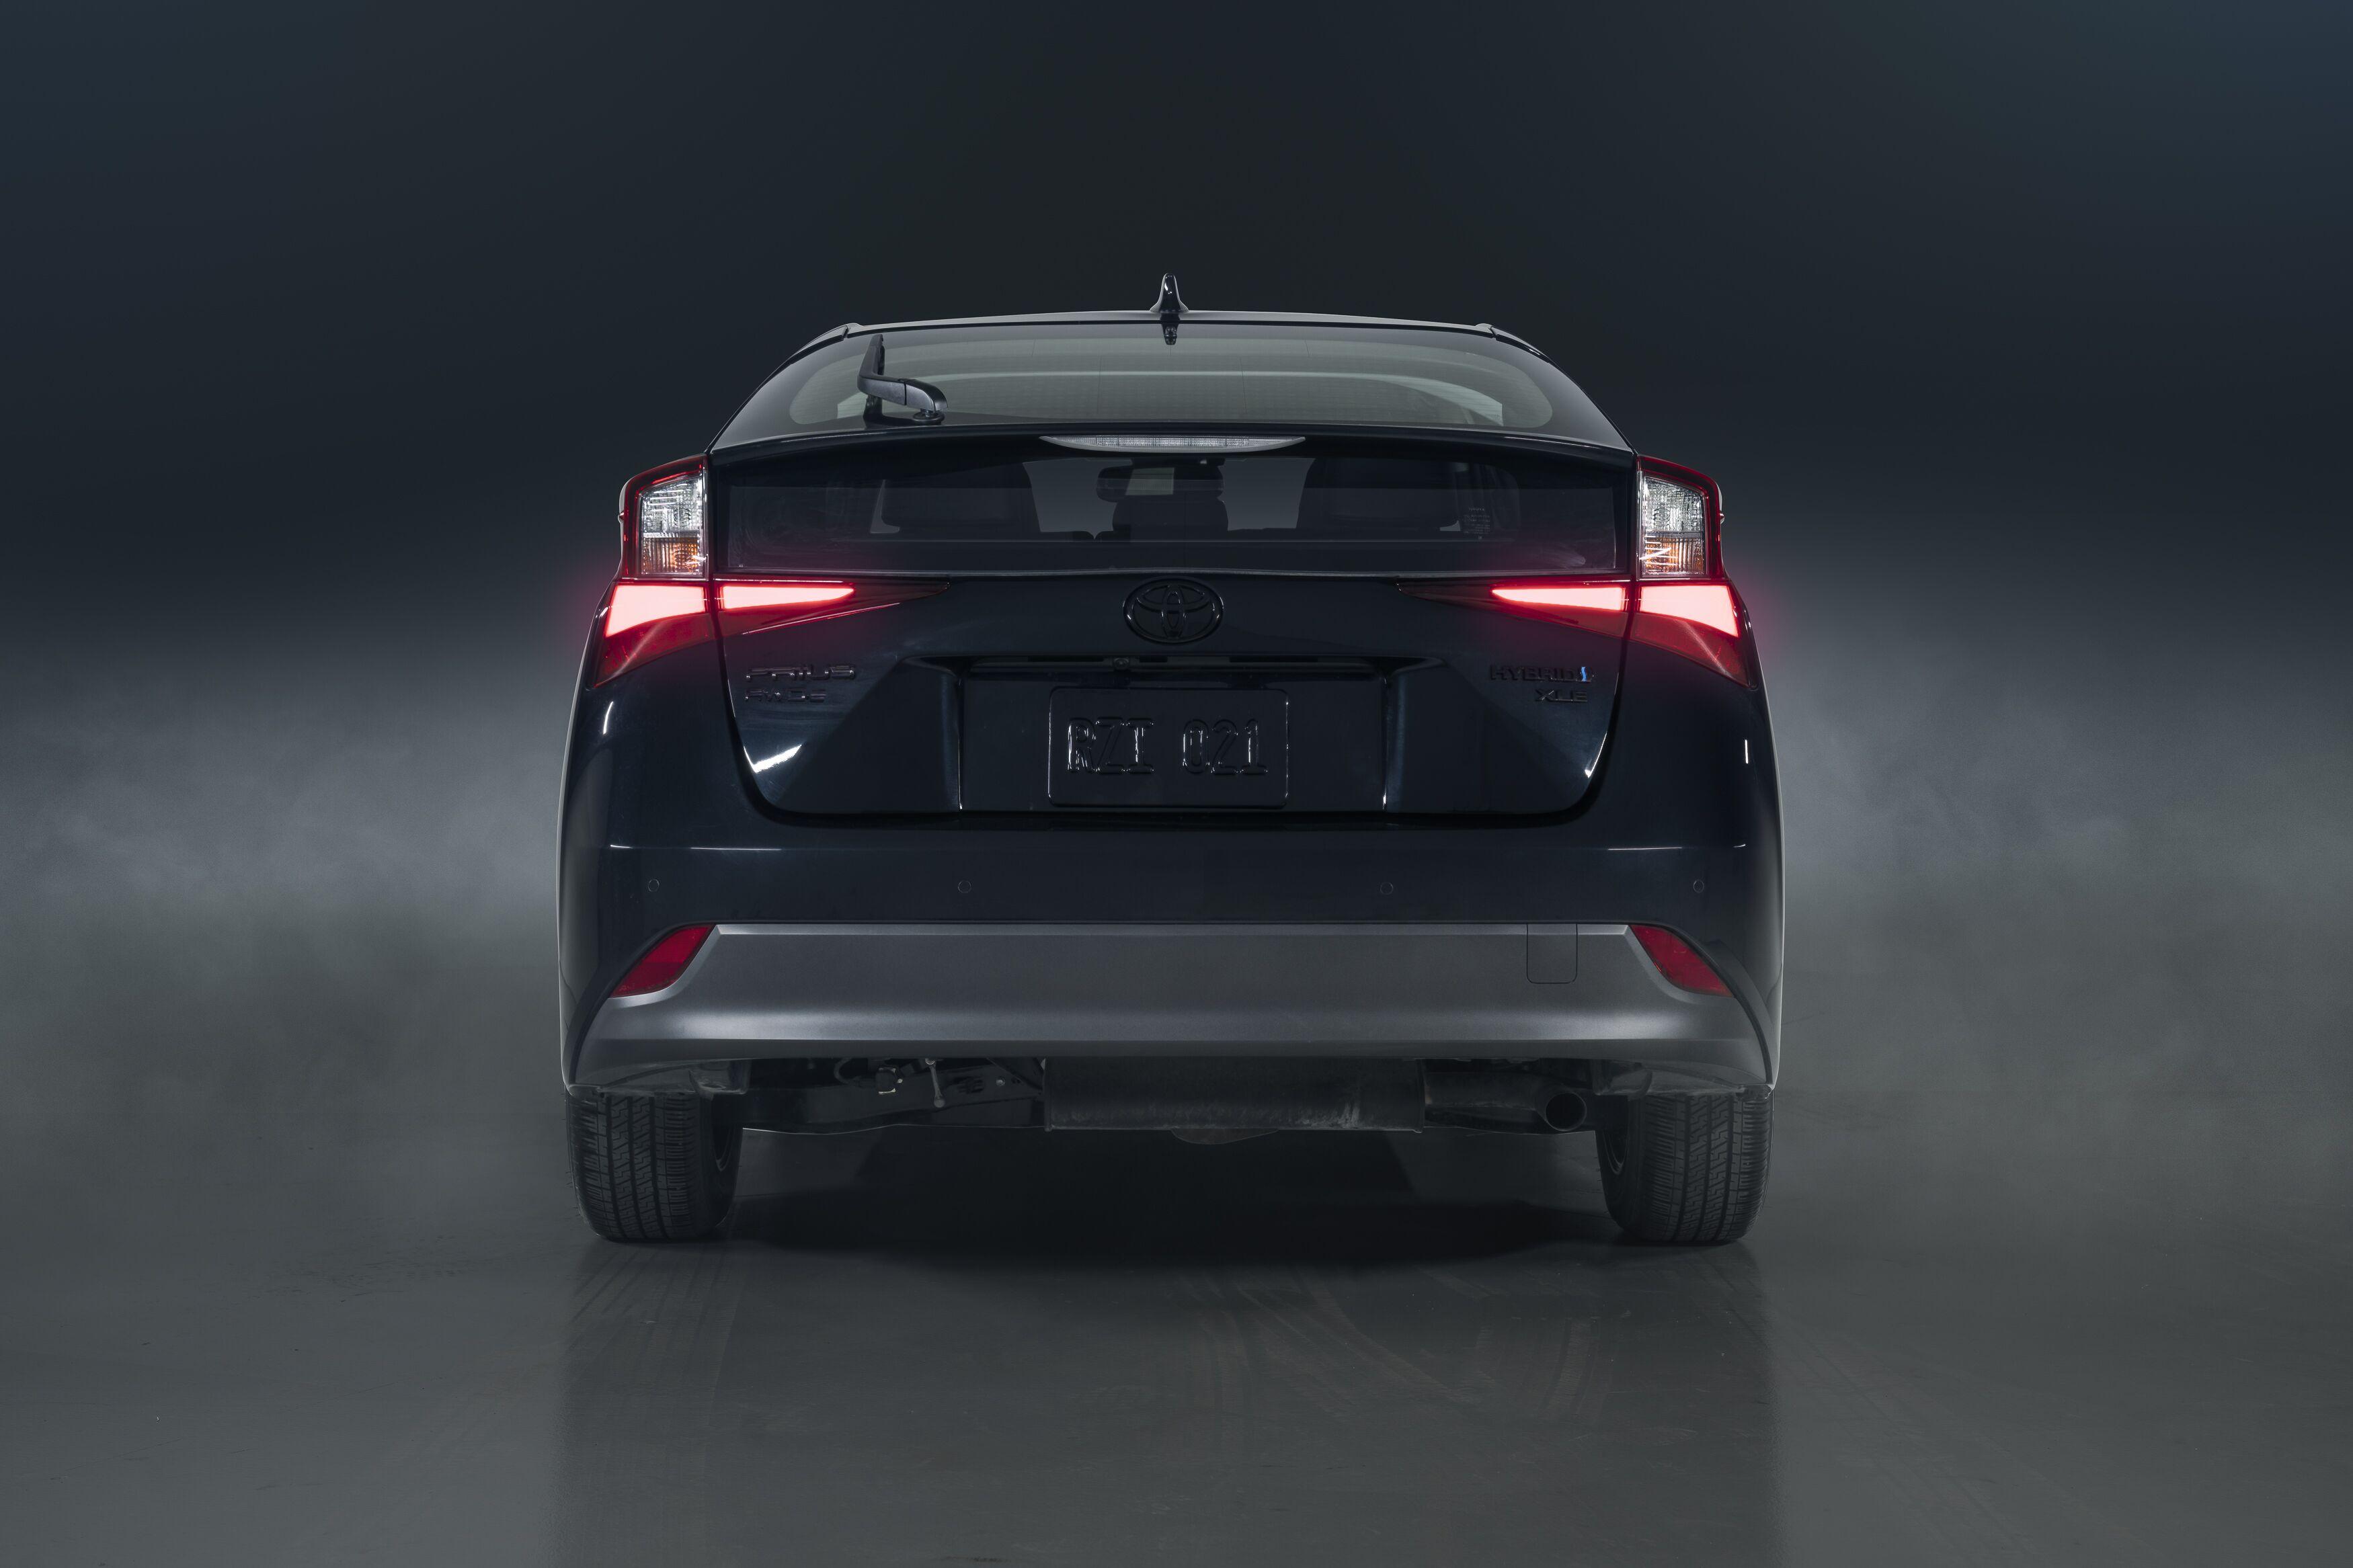 2022 Toyota Prius Nightshade Edition Exterior Rear Fascia